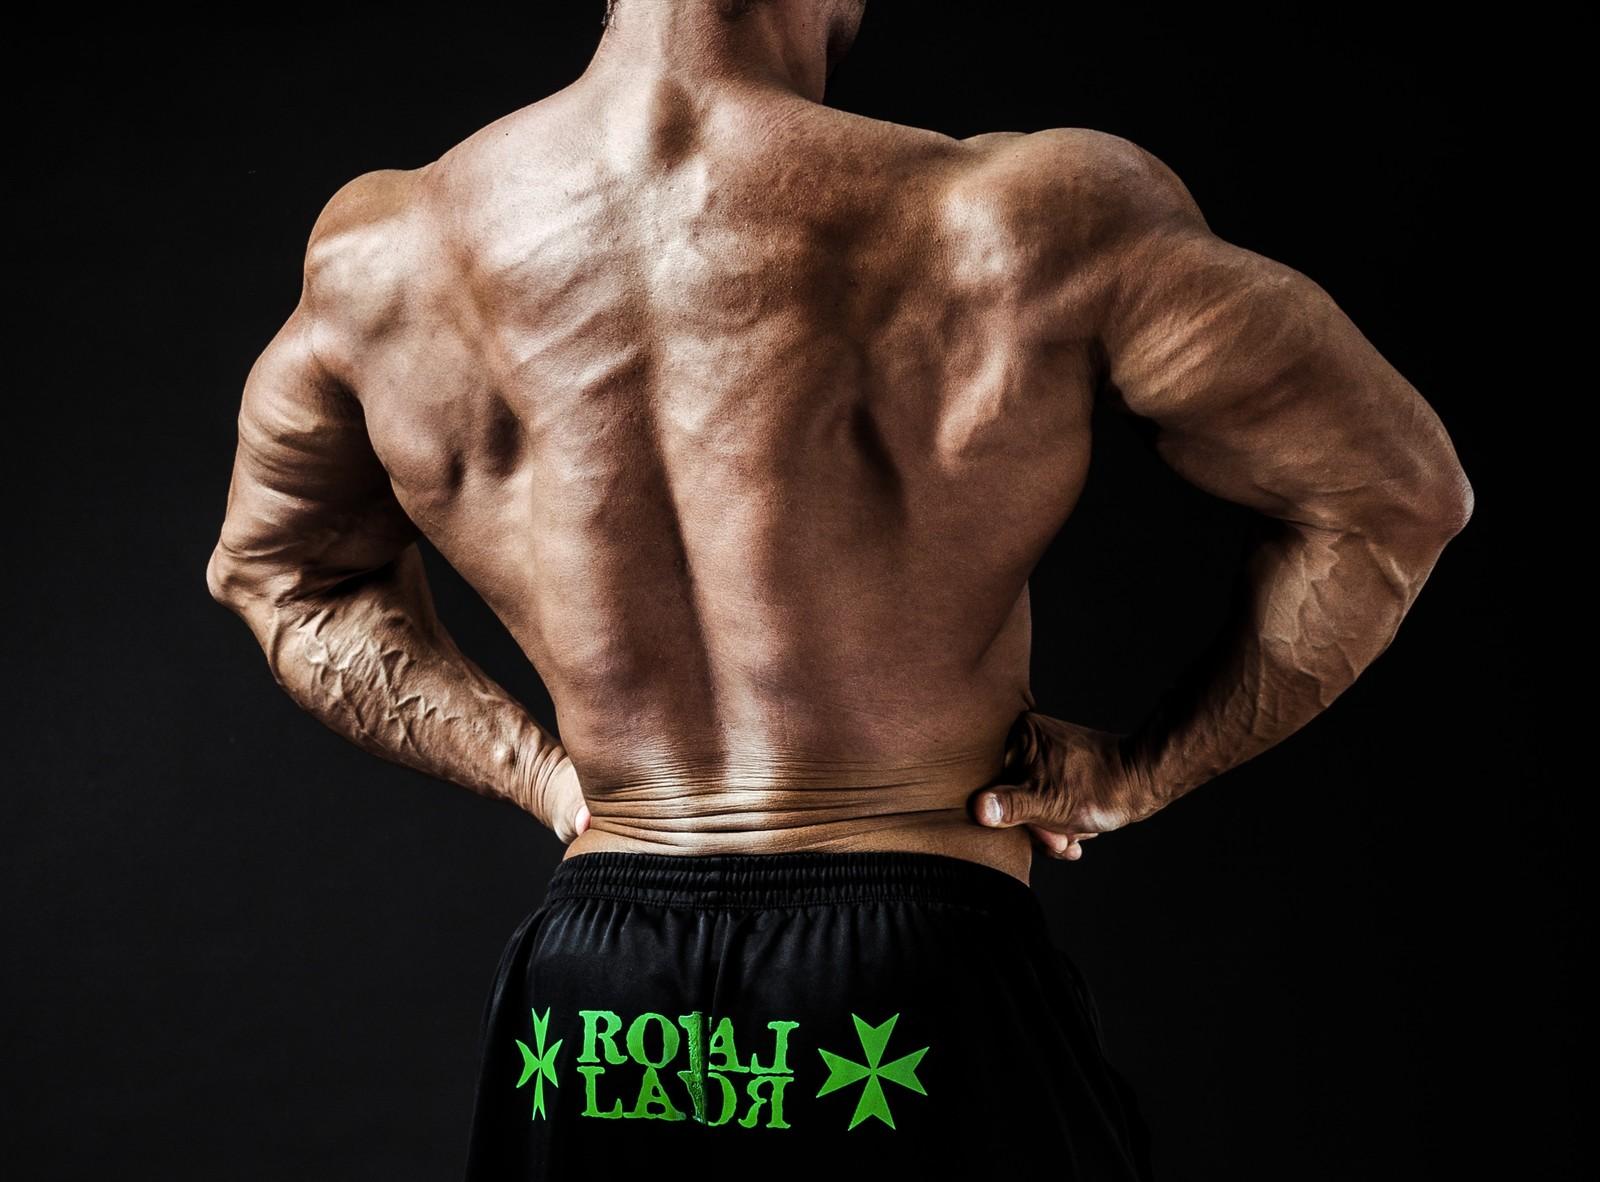 シンプル肩甲骨はがしストレッチ!筋肉をほぐして肩甲骨を動きやすくする方法